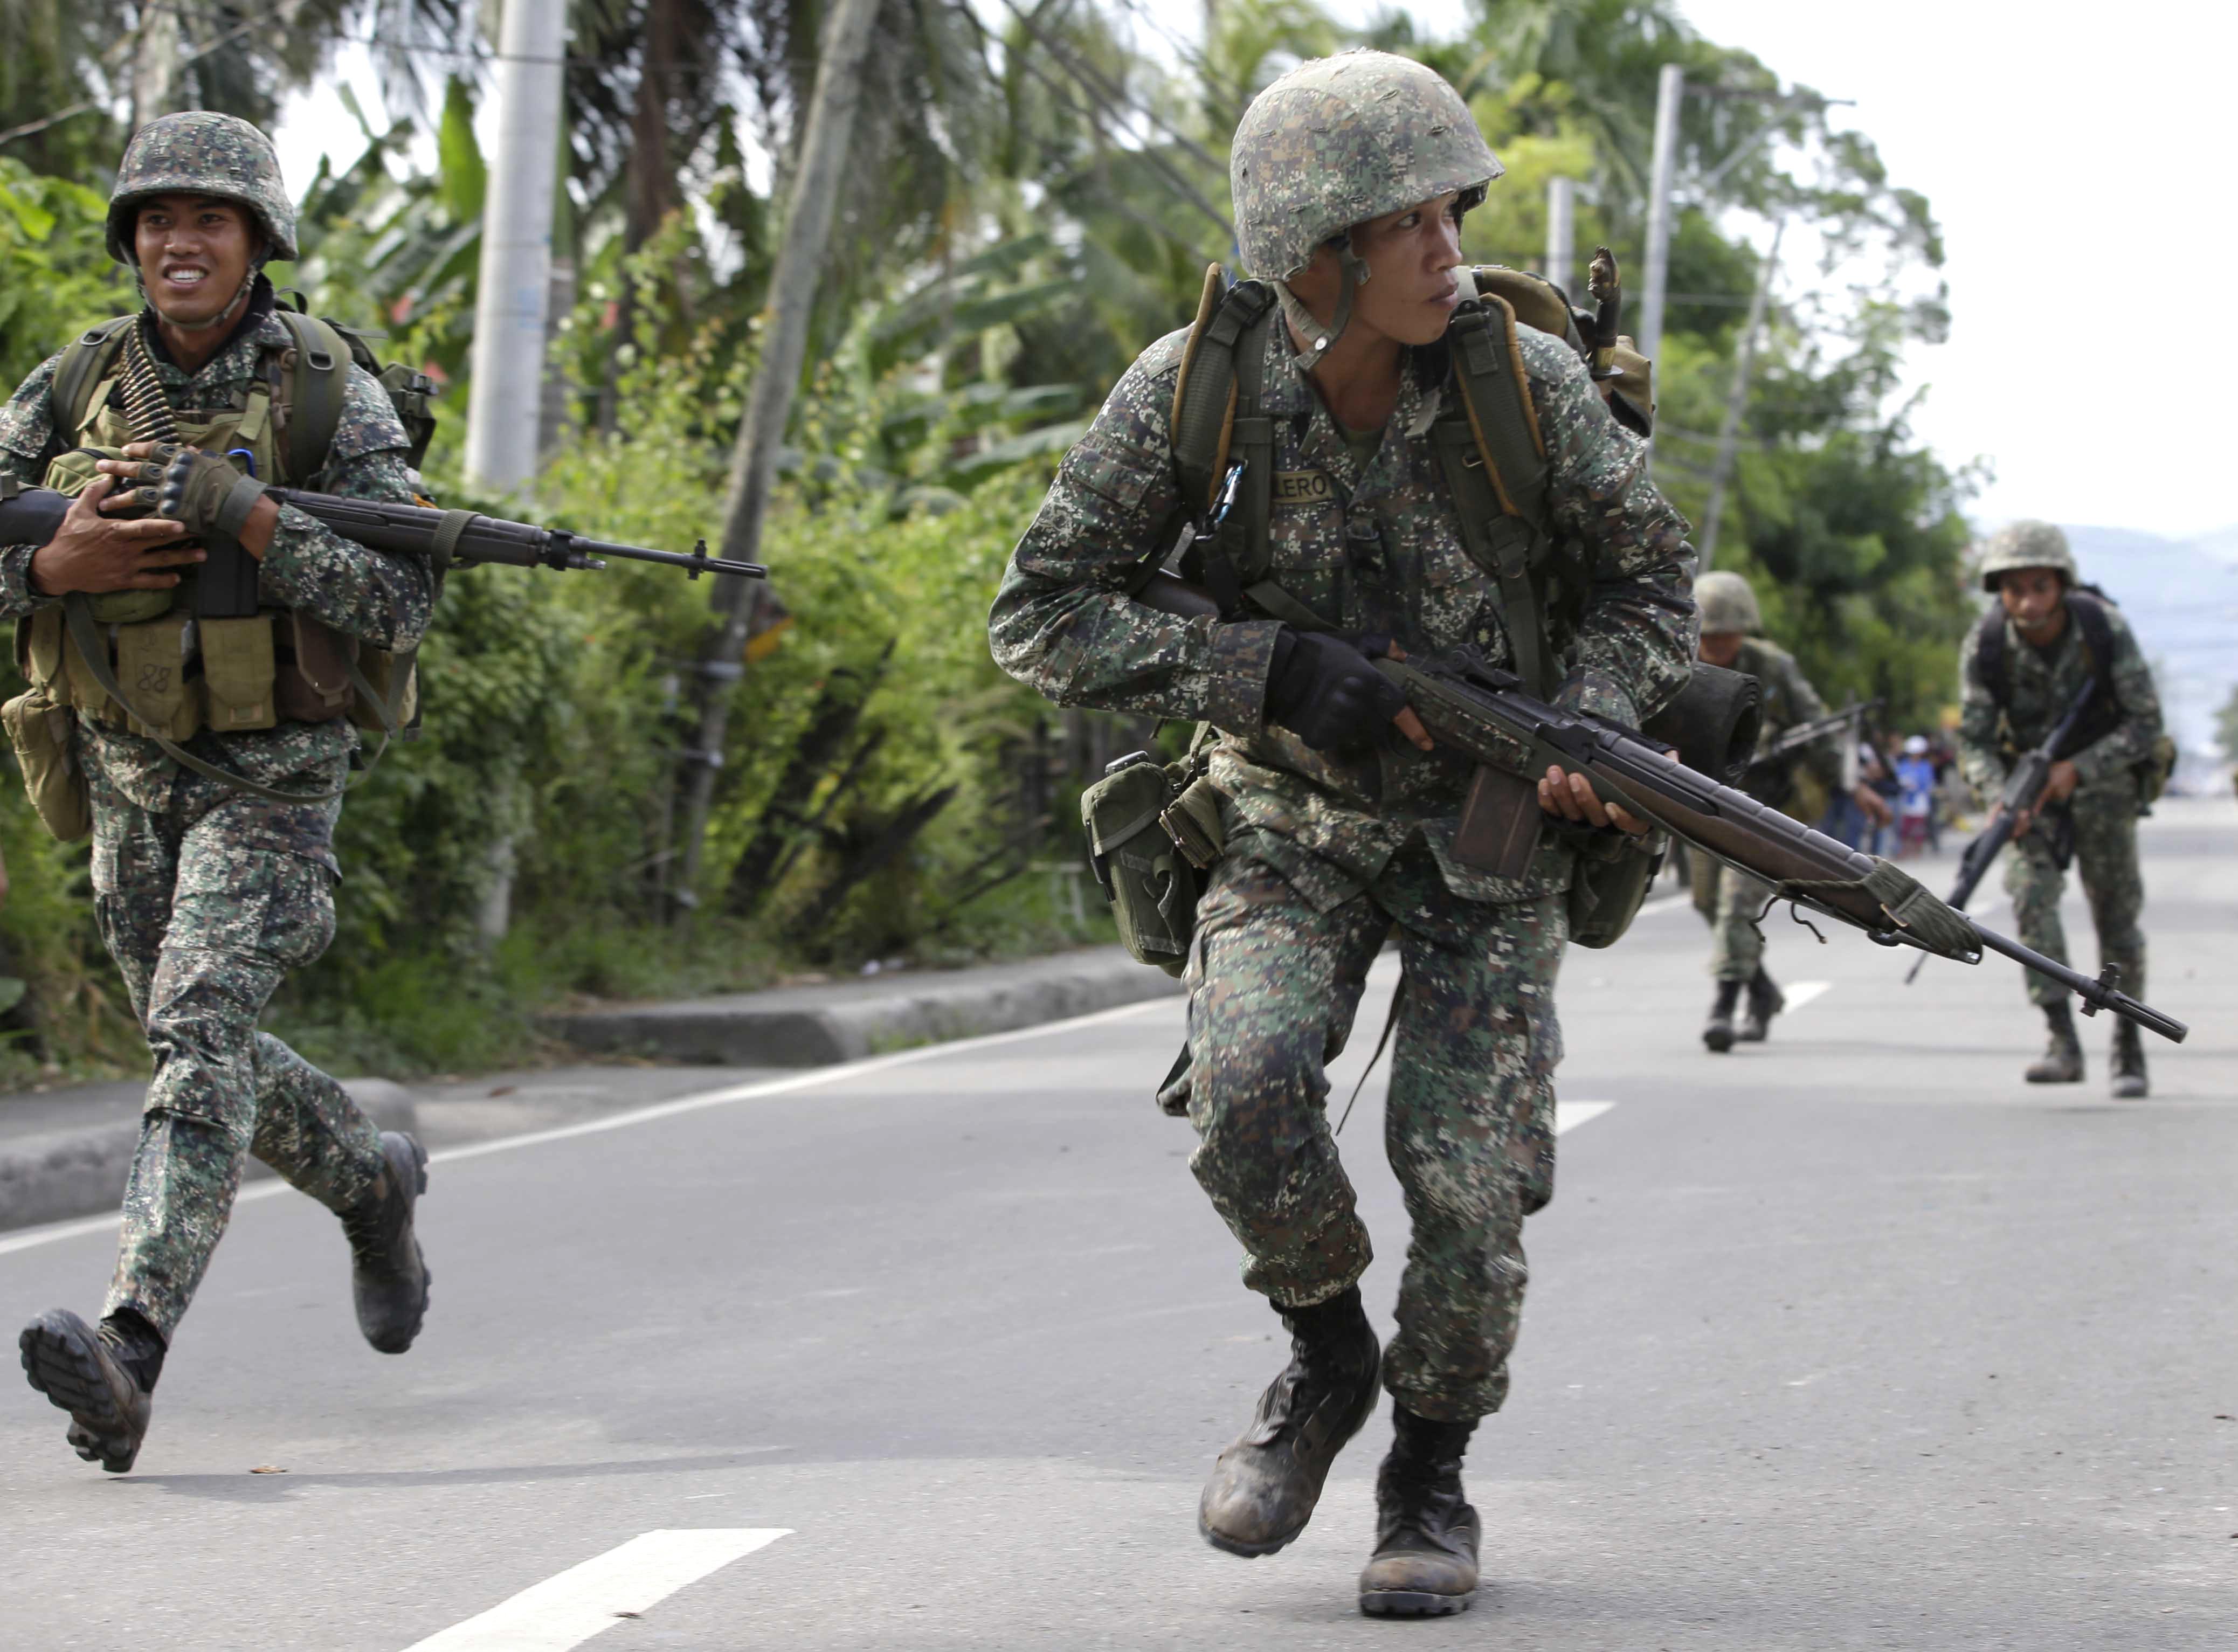 Filippine: 18 soldati filippini uccisi in scontri con i militanti Abu Sayyaf » Guerre nel Mondo